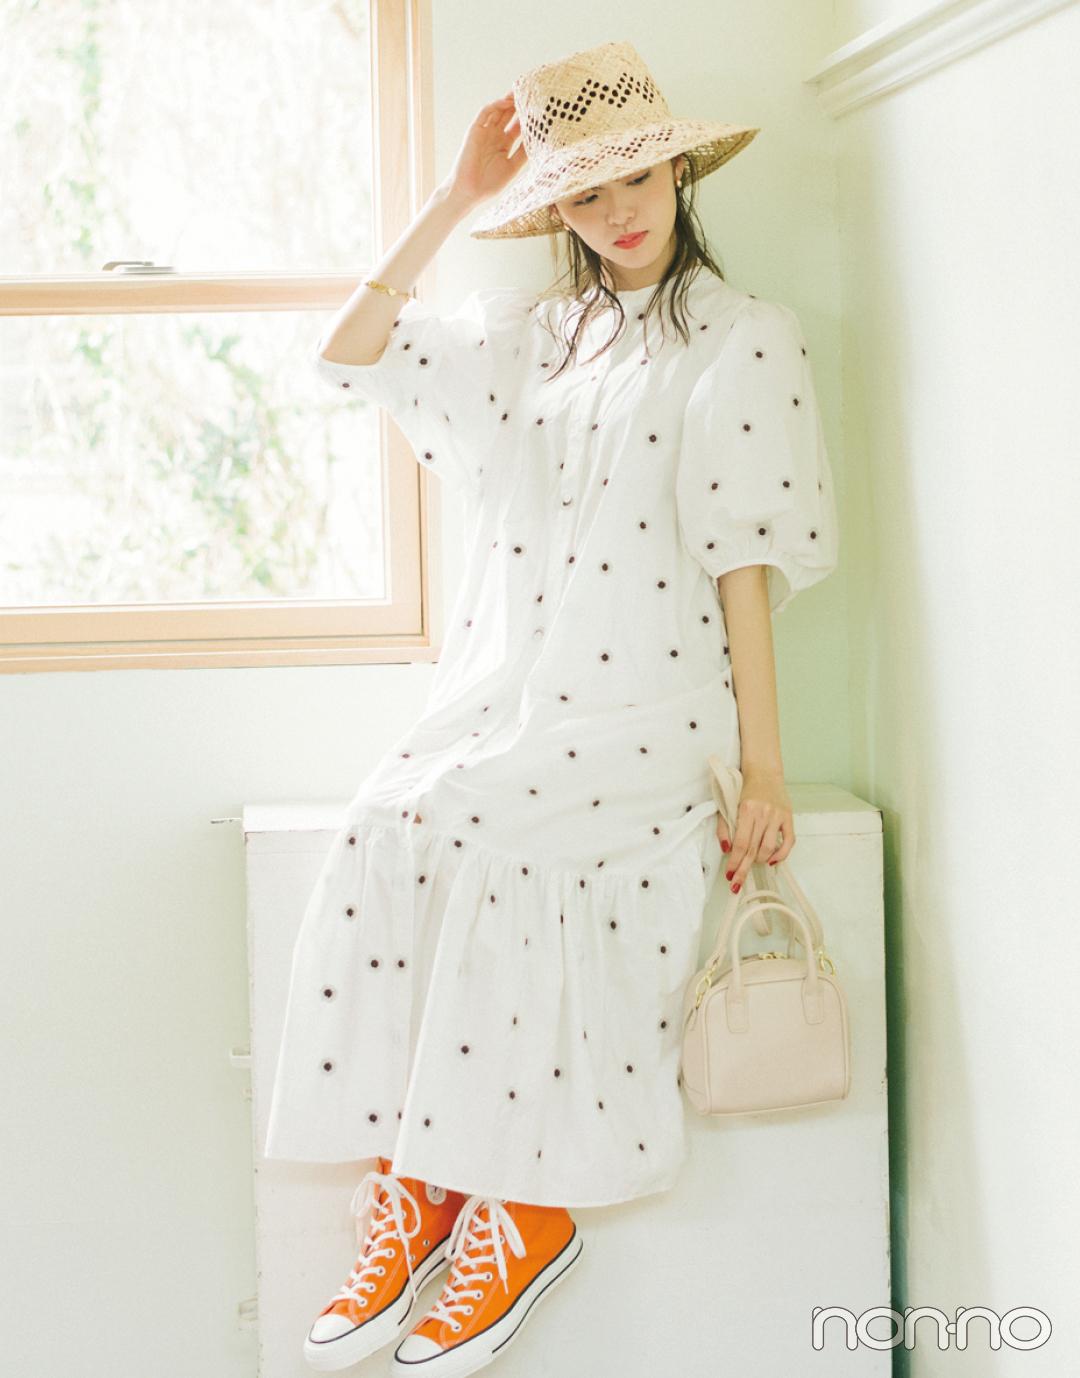 【おうち時間のおしゃれ】スカートは大人っぽく、ワンピはハズして楽しむ!_1_3